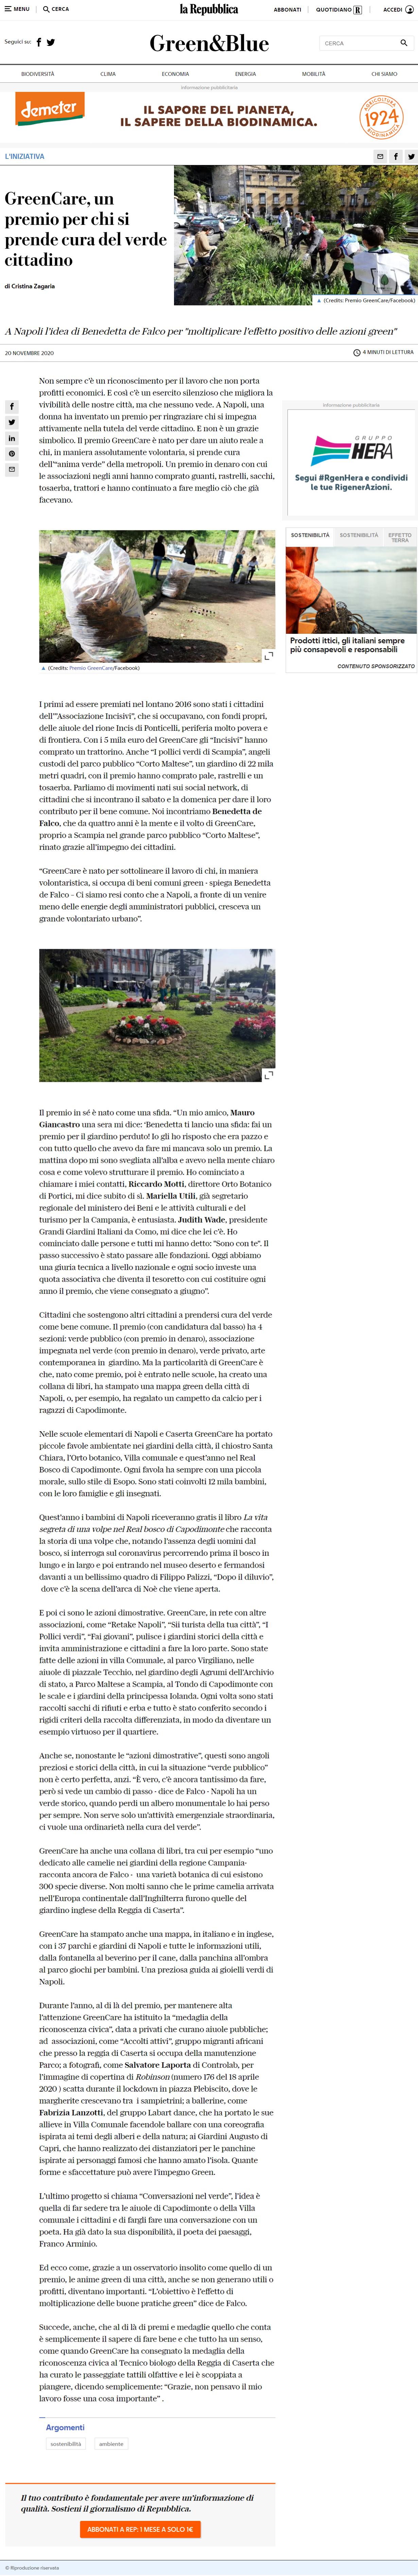 GreenCare, un premio per chi si prende cura del verde cittadino, la Repubblica online del 20 novembre 2020